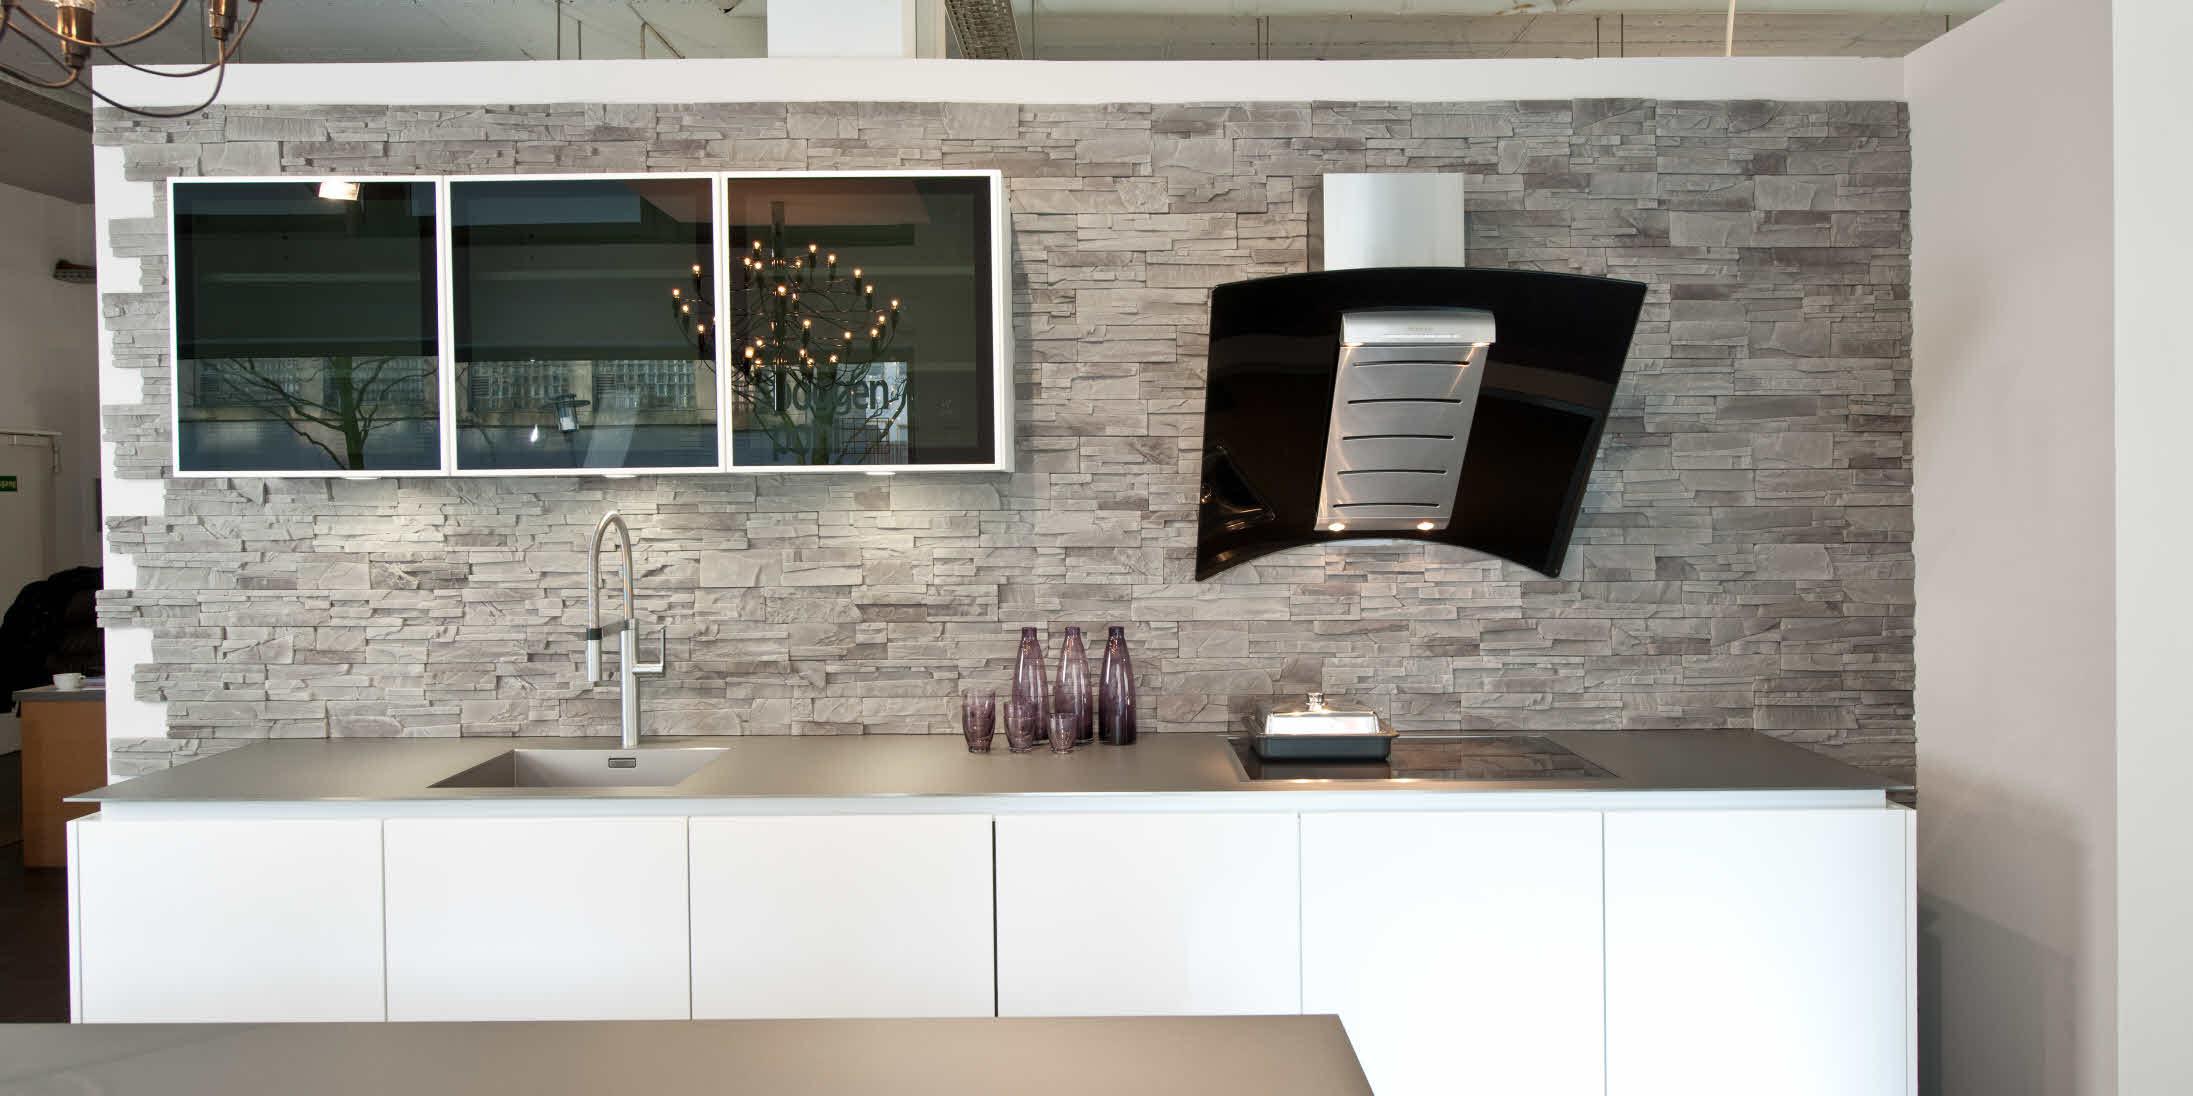 poggenpohl musterk chen wir stellen die neuesten serien aus aktuelles k chen bielefeld. Black Bedroom Furniture Sets. Home Design Ideas